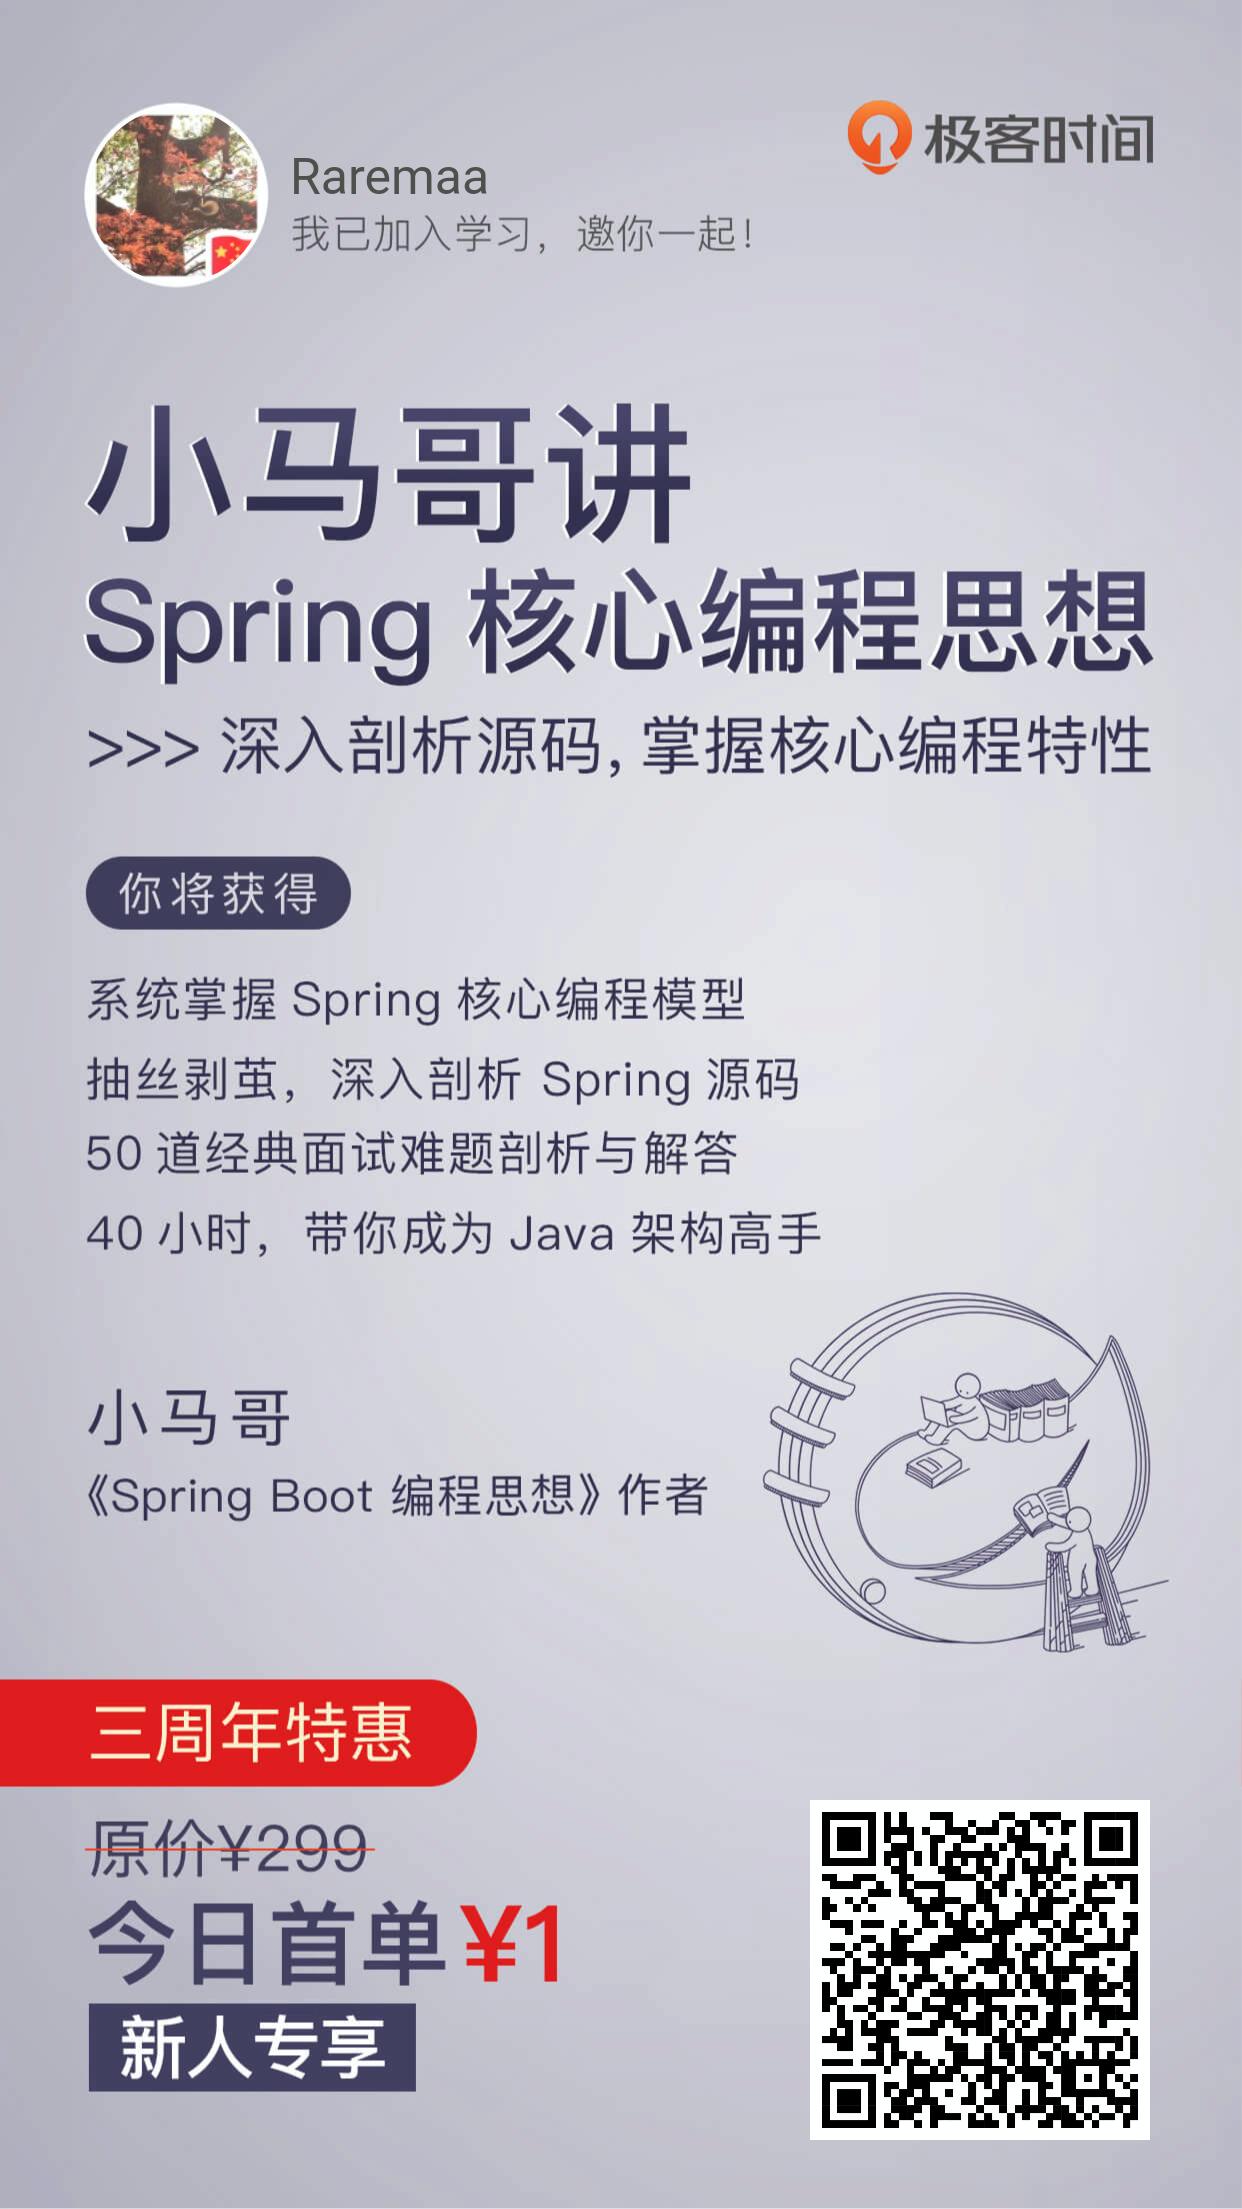 Spring%20Bean%E7%9A%84%E7%94%9F%E5%91%BD%E5%91%A8%E6%9C%9F%200e4b70a5ffd54a4bb12cc41b2dfe98d6/Untitled%202.png